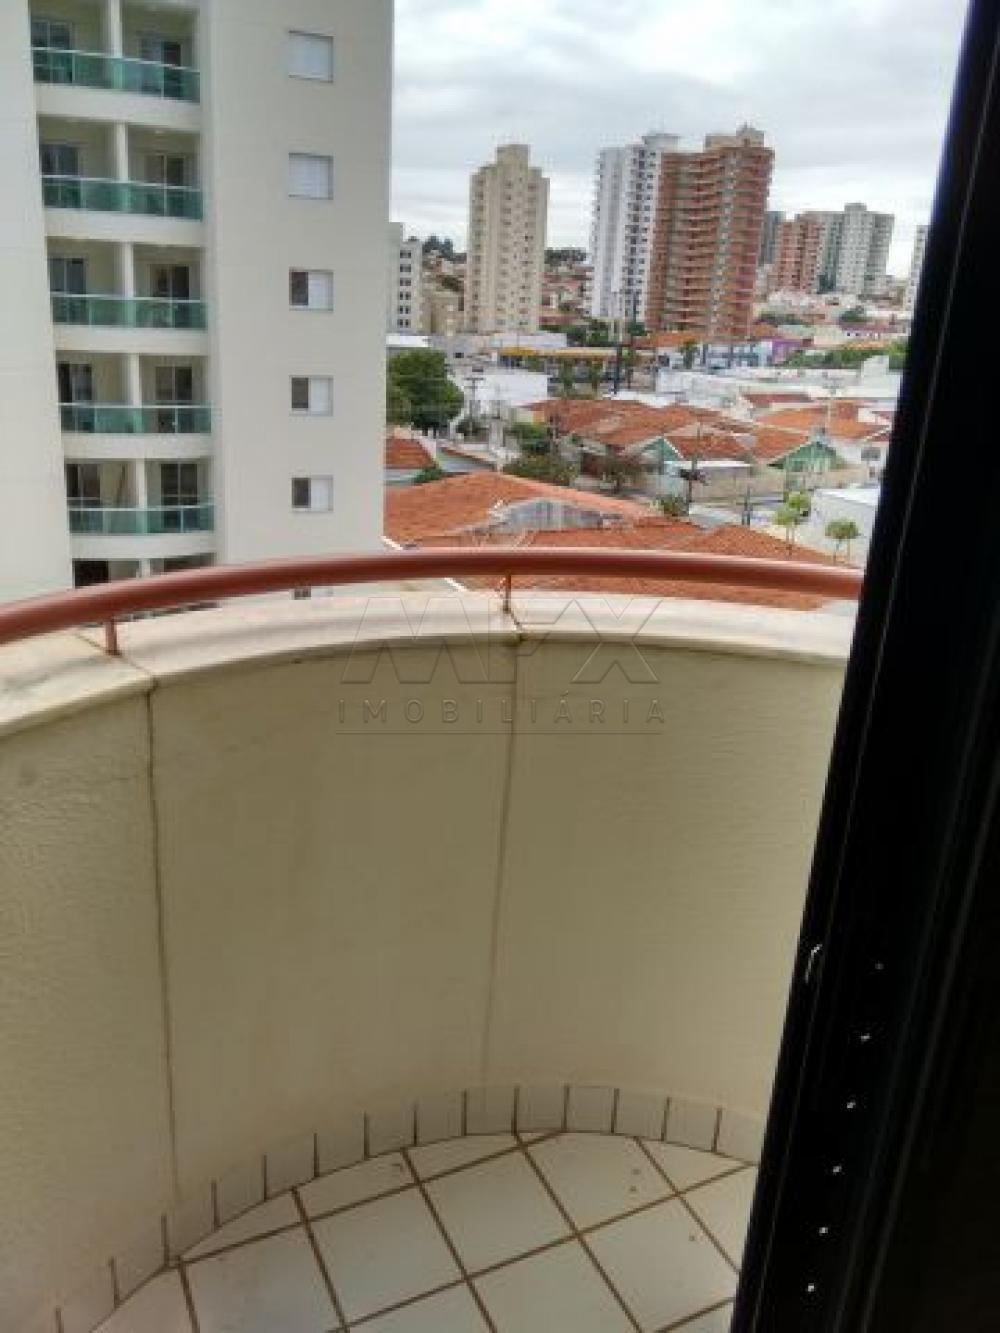 Alugar Apartamento / Padrão em Bauru apenas R$ 600,00 - Foto 4